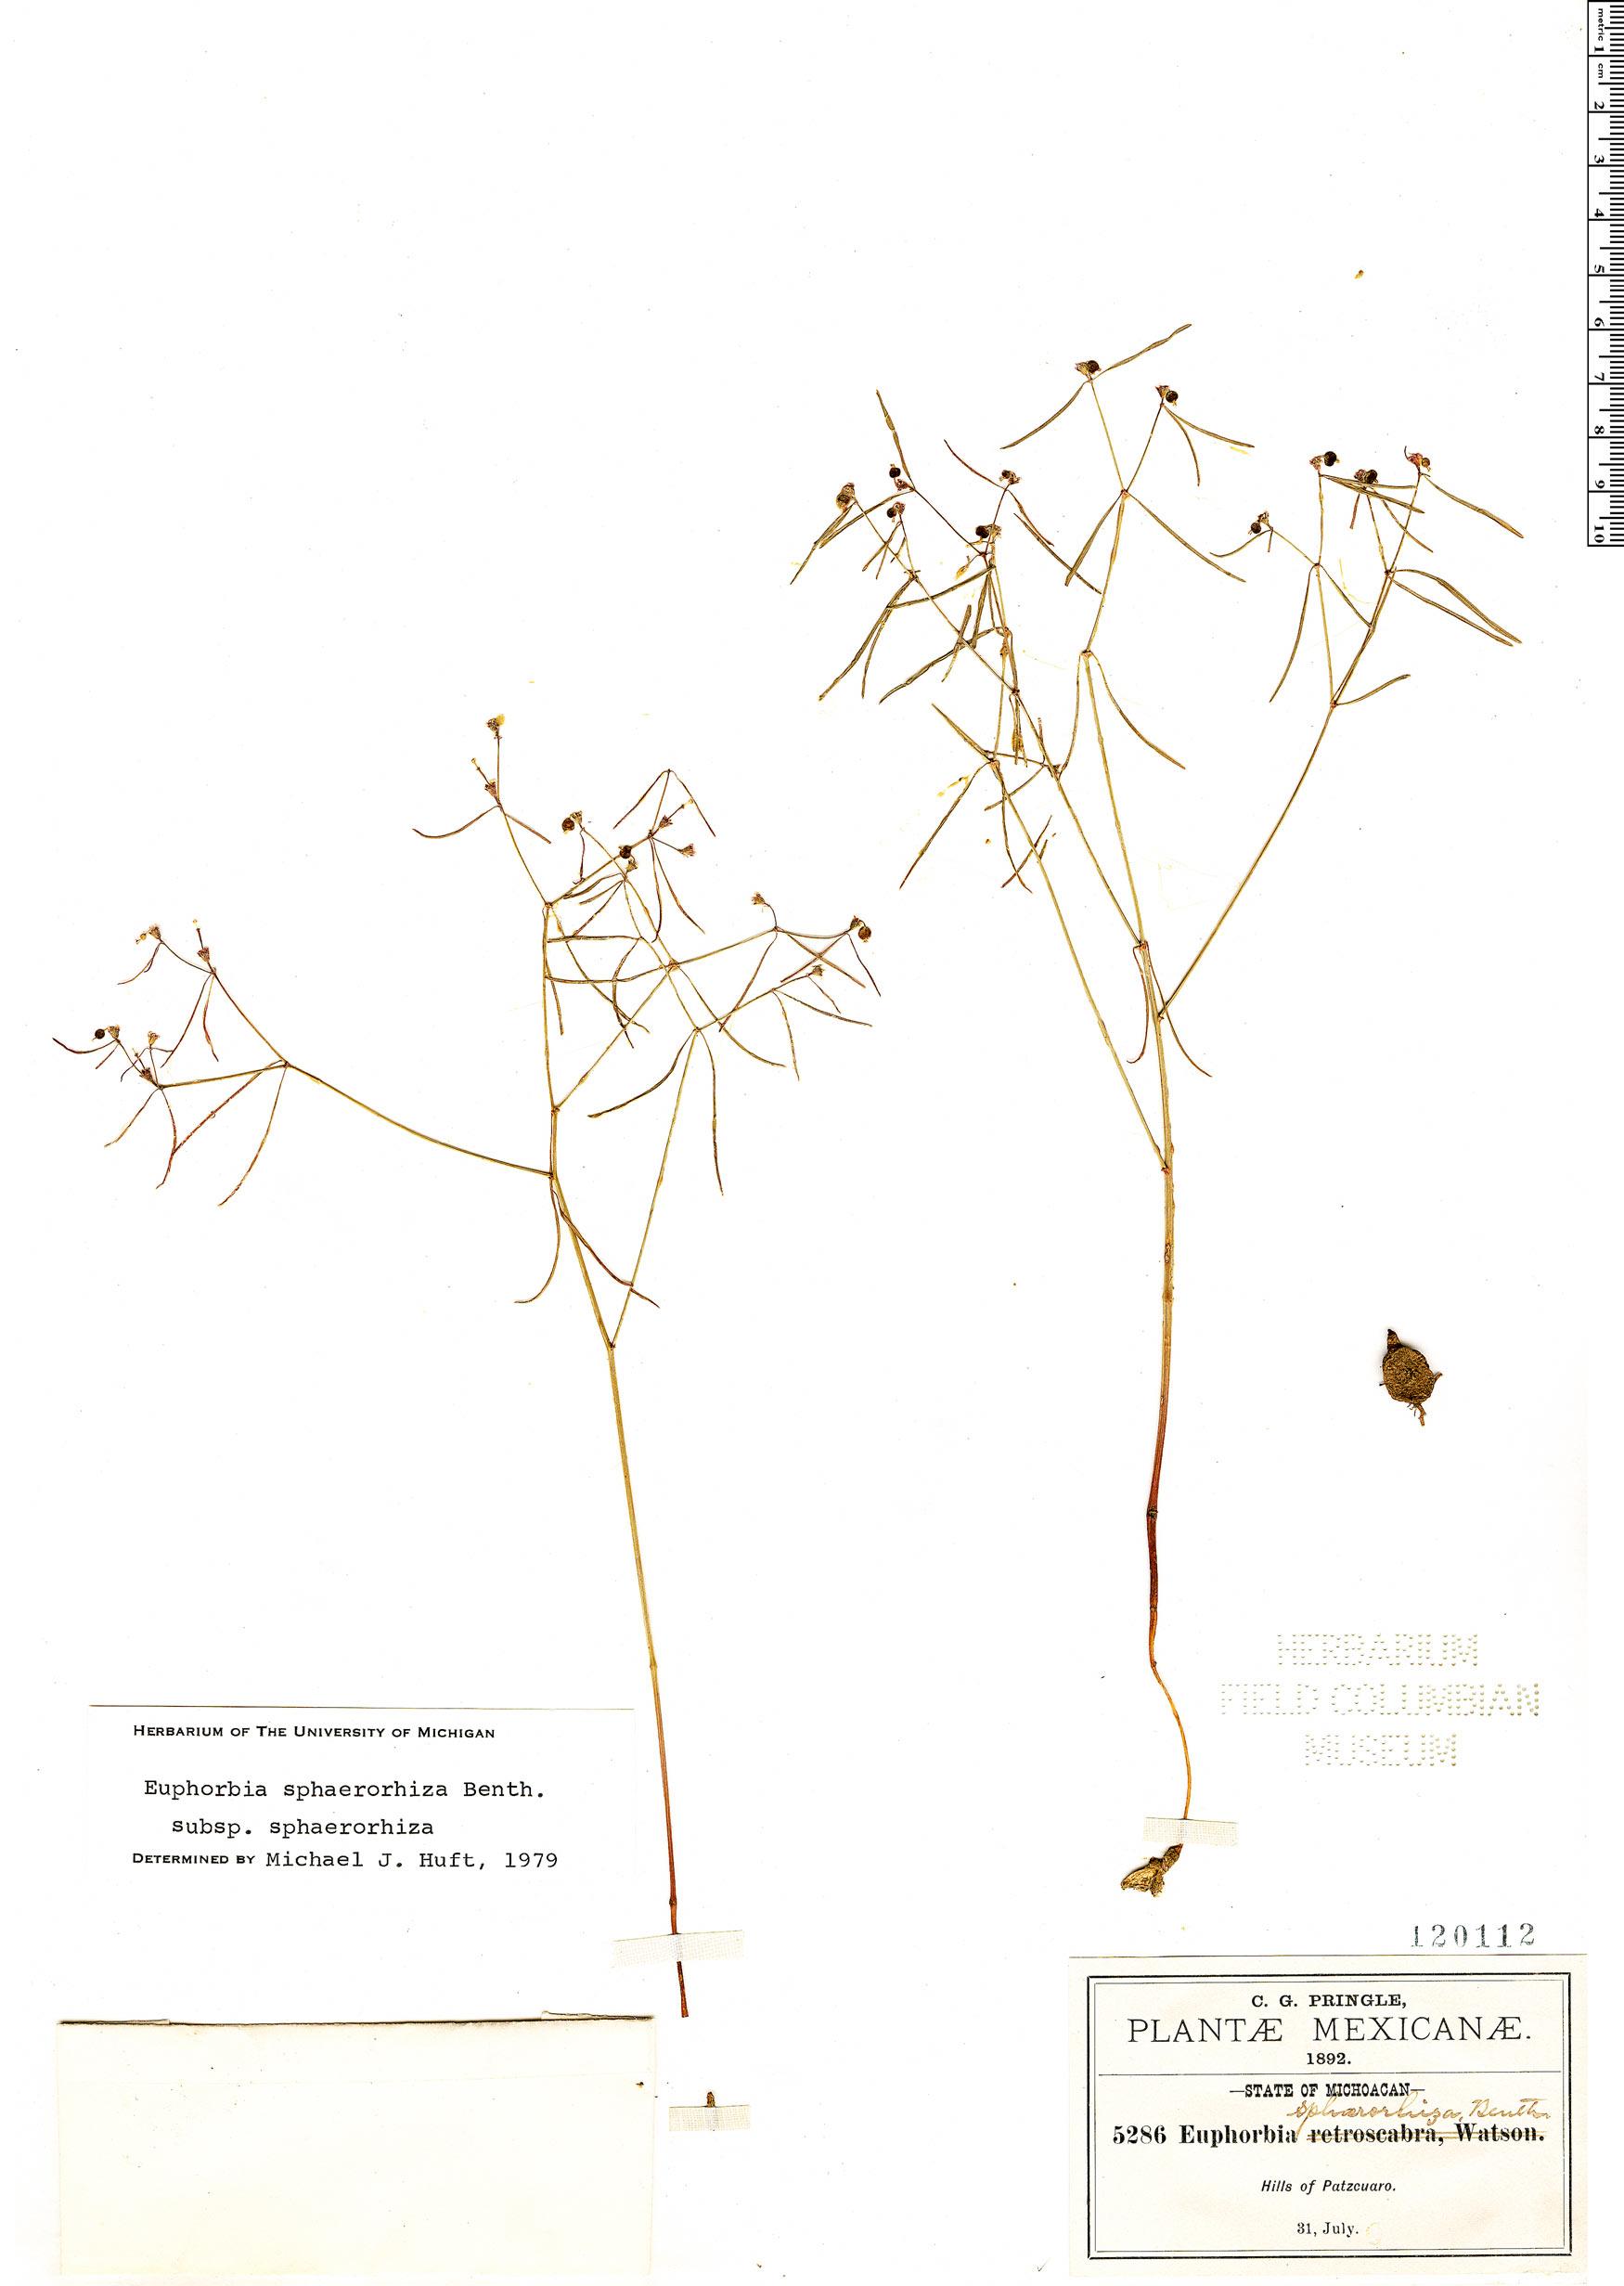 Specimen: Euphorbia sphaerorhiza